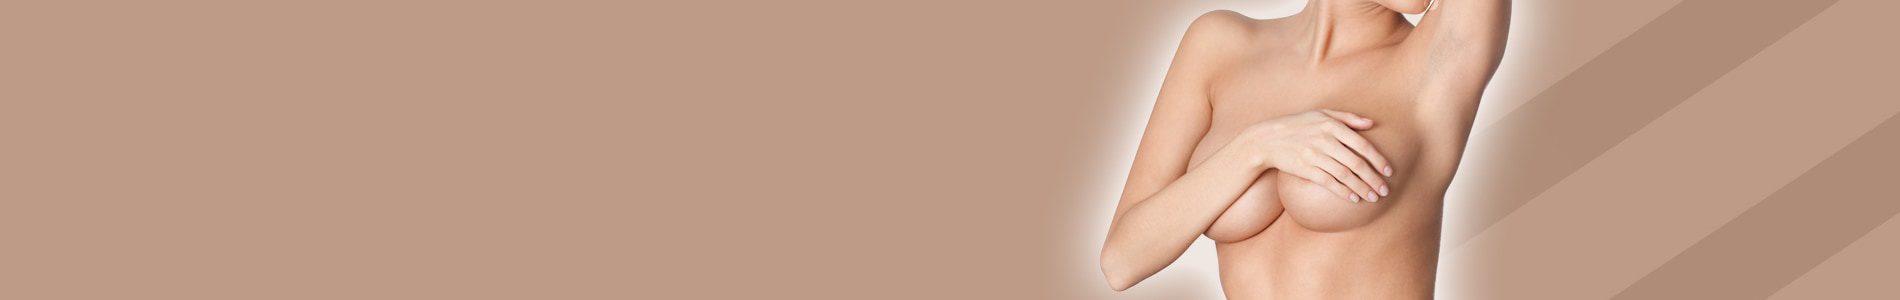 αυξητικη-στηθους-μαστων πλαστικη στο στηθος